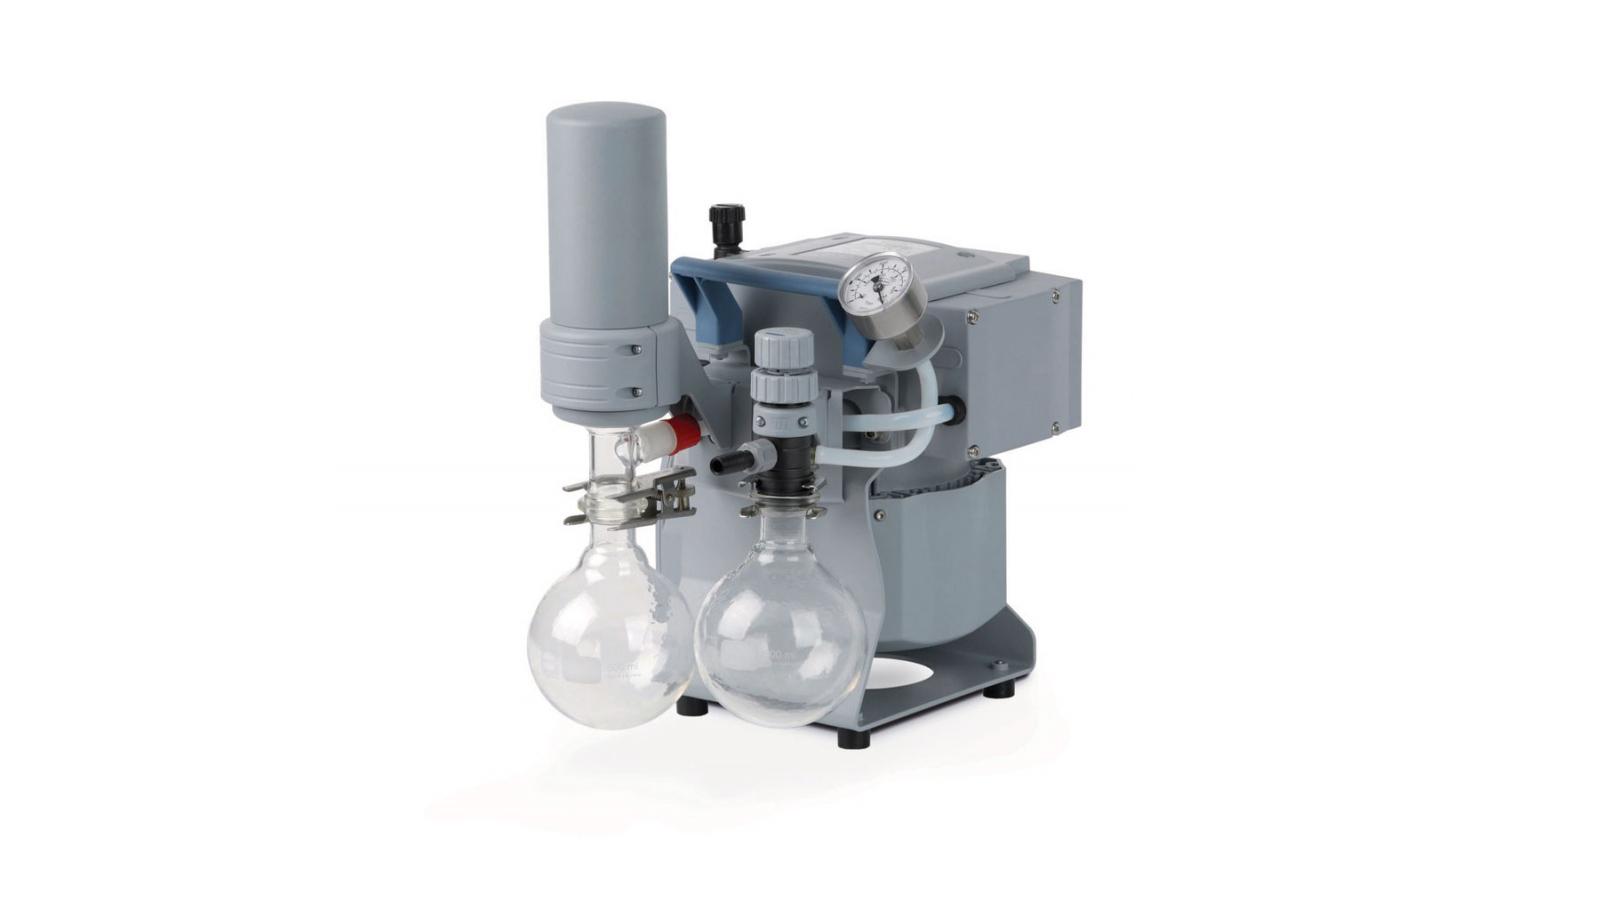 Vacuubrand PC 101 NT Vakum Pompası || Merlab Laboratuvar Ekipmanları